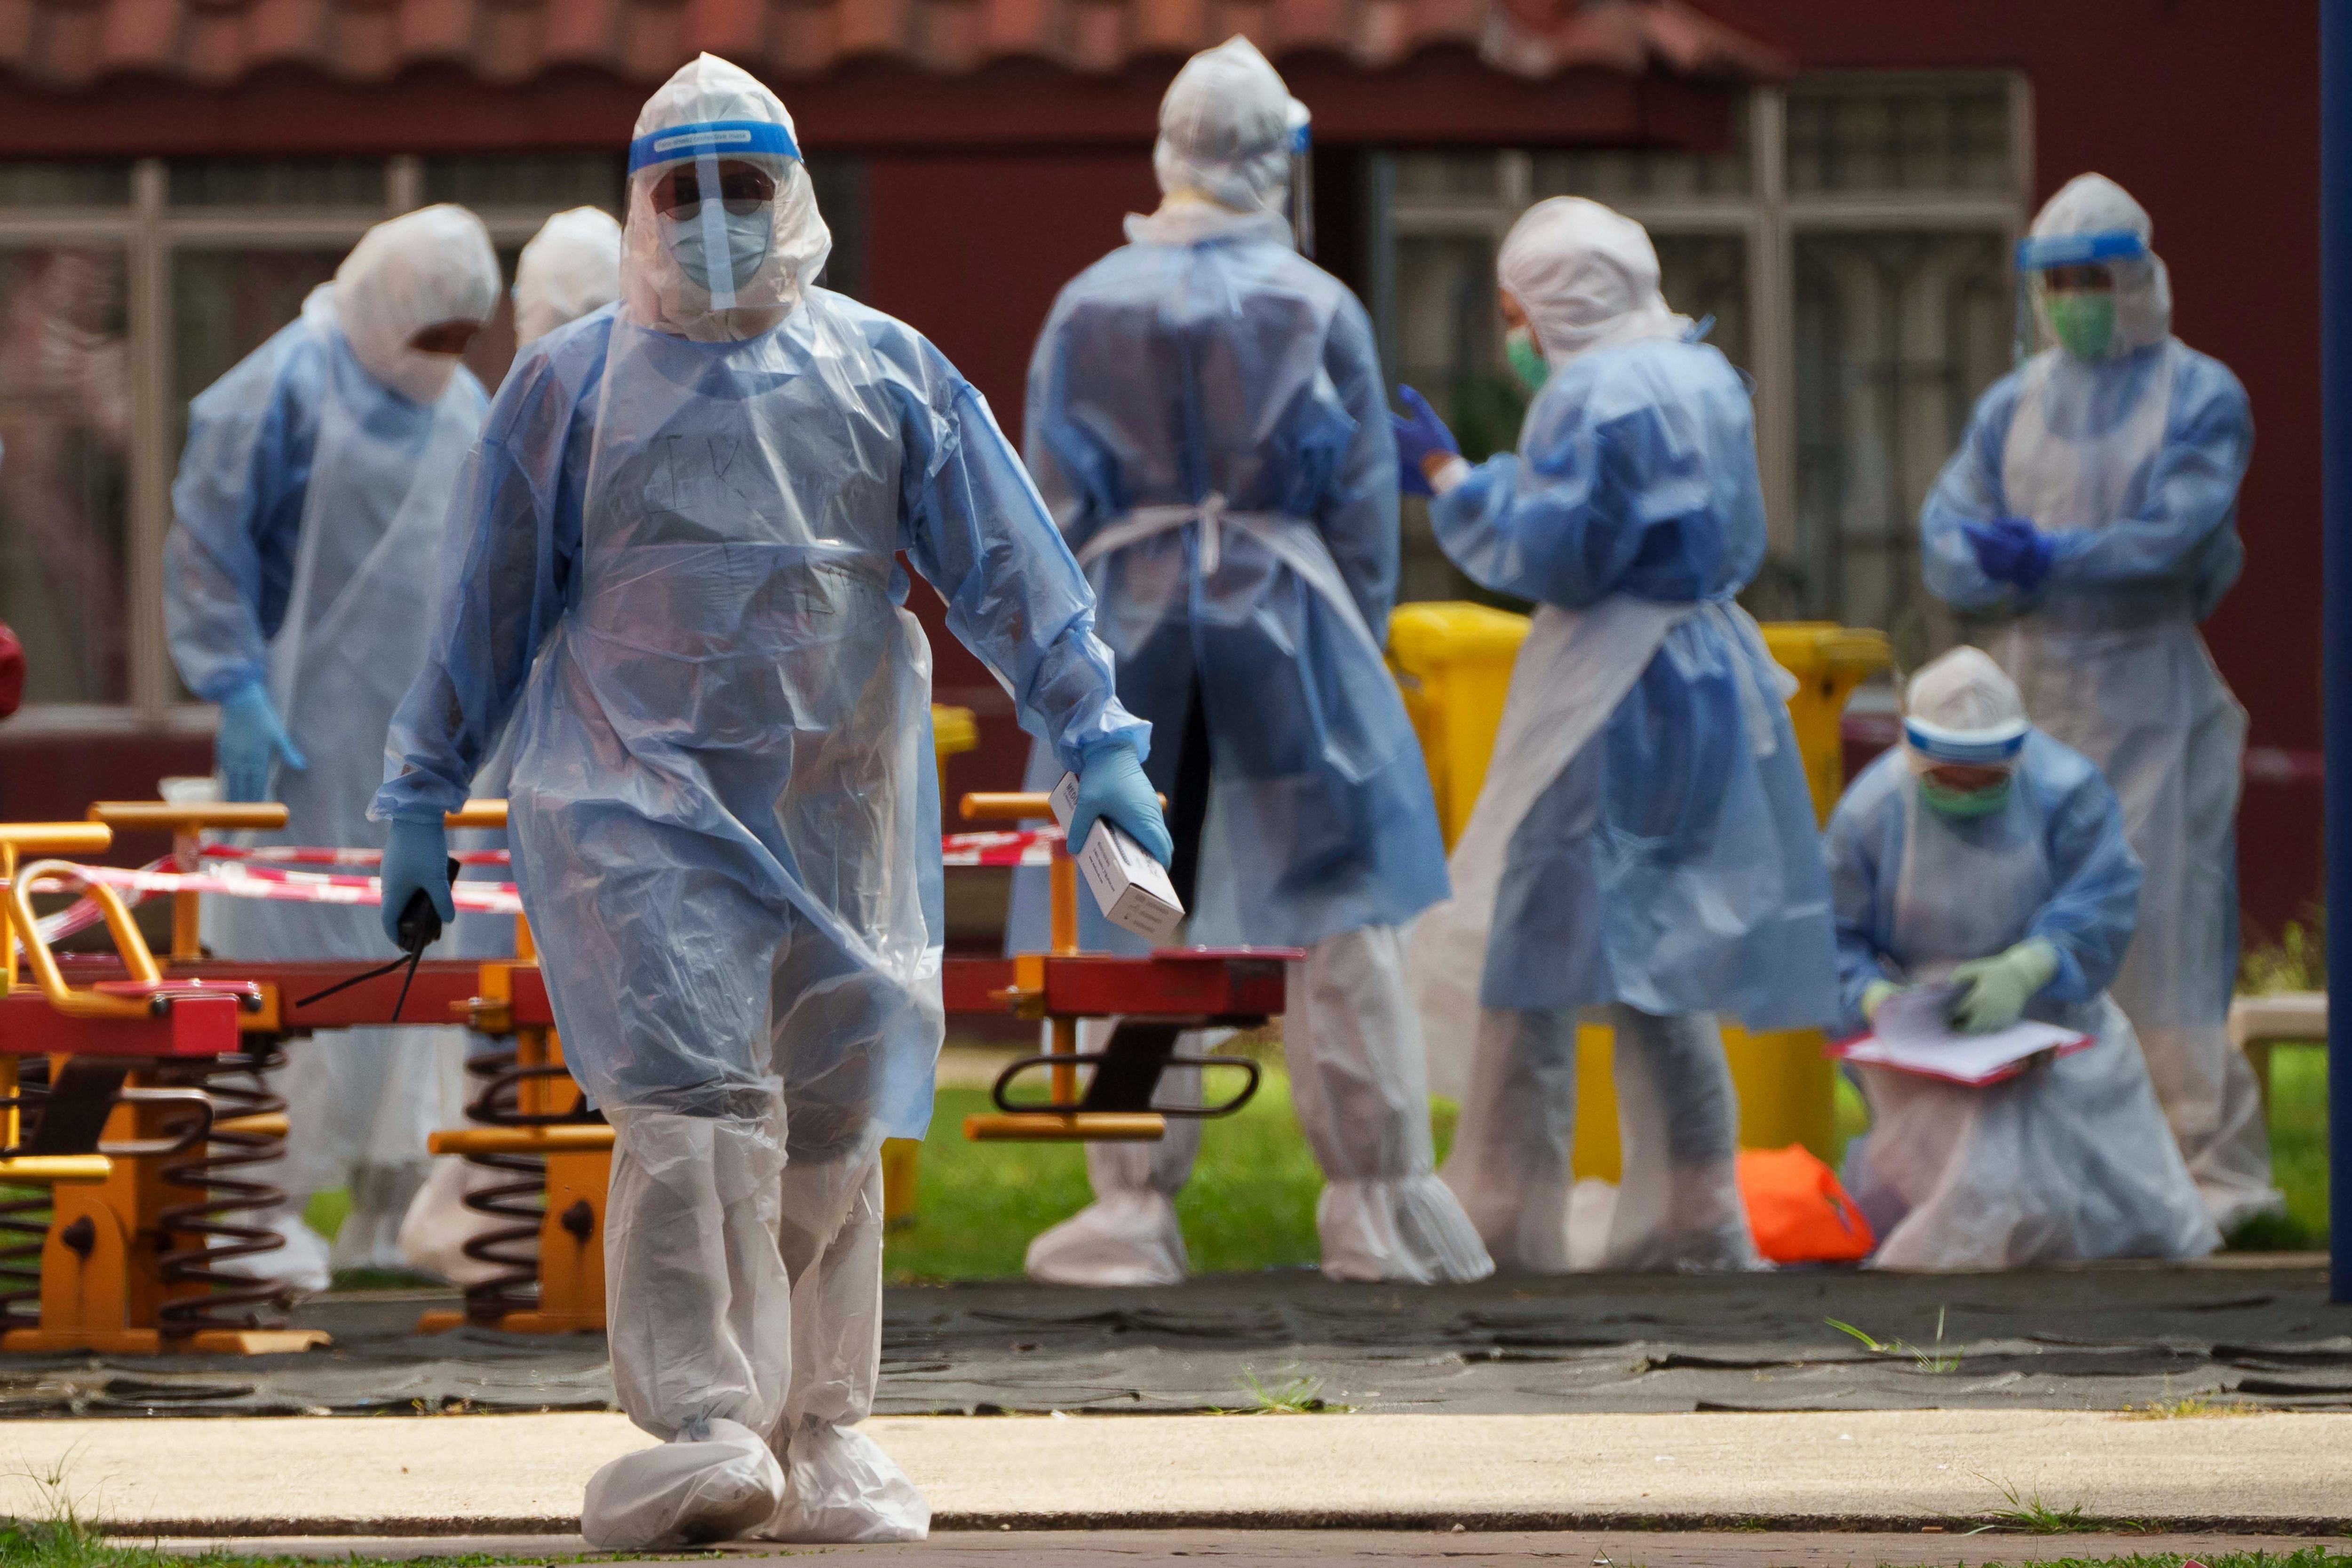 করোনায় মৃত্যু: বেড়েছে মৃত্যুসংখ্যাও। মঙ্গলবার করোনায় (Coronavirus) মৃত্যু সংখ্যা ৯৩০। তার আগের দিন কোভিডে প্রাণ হারান ৫৫৩ জন। ফাইল ছবি : পিটিআই (PTI)